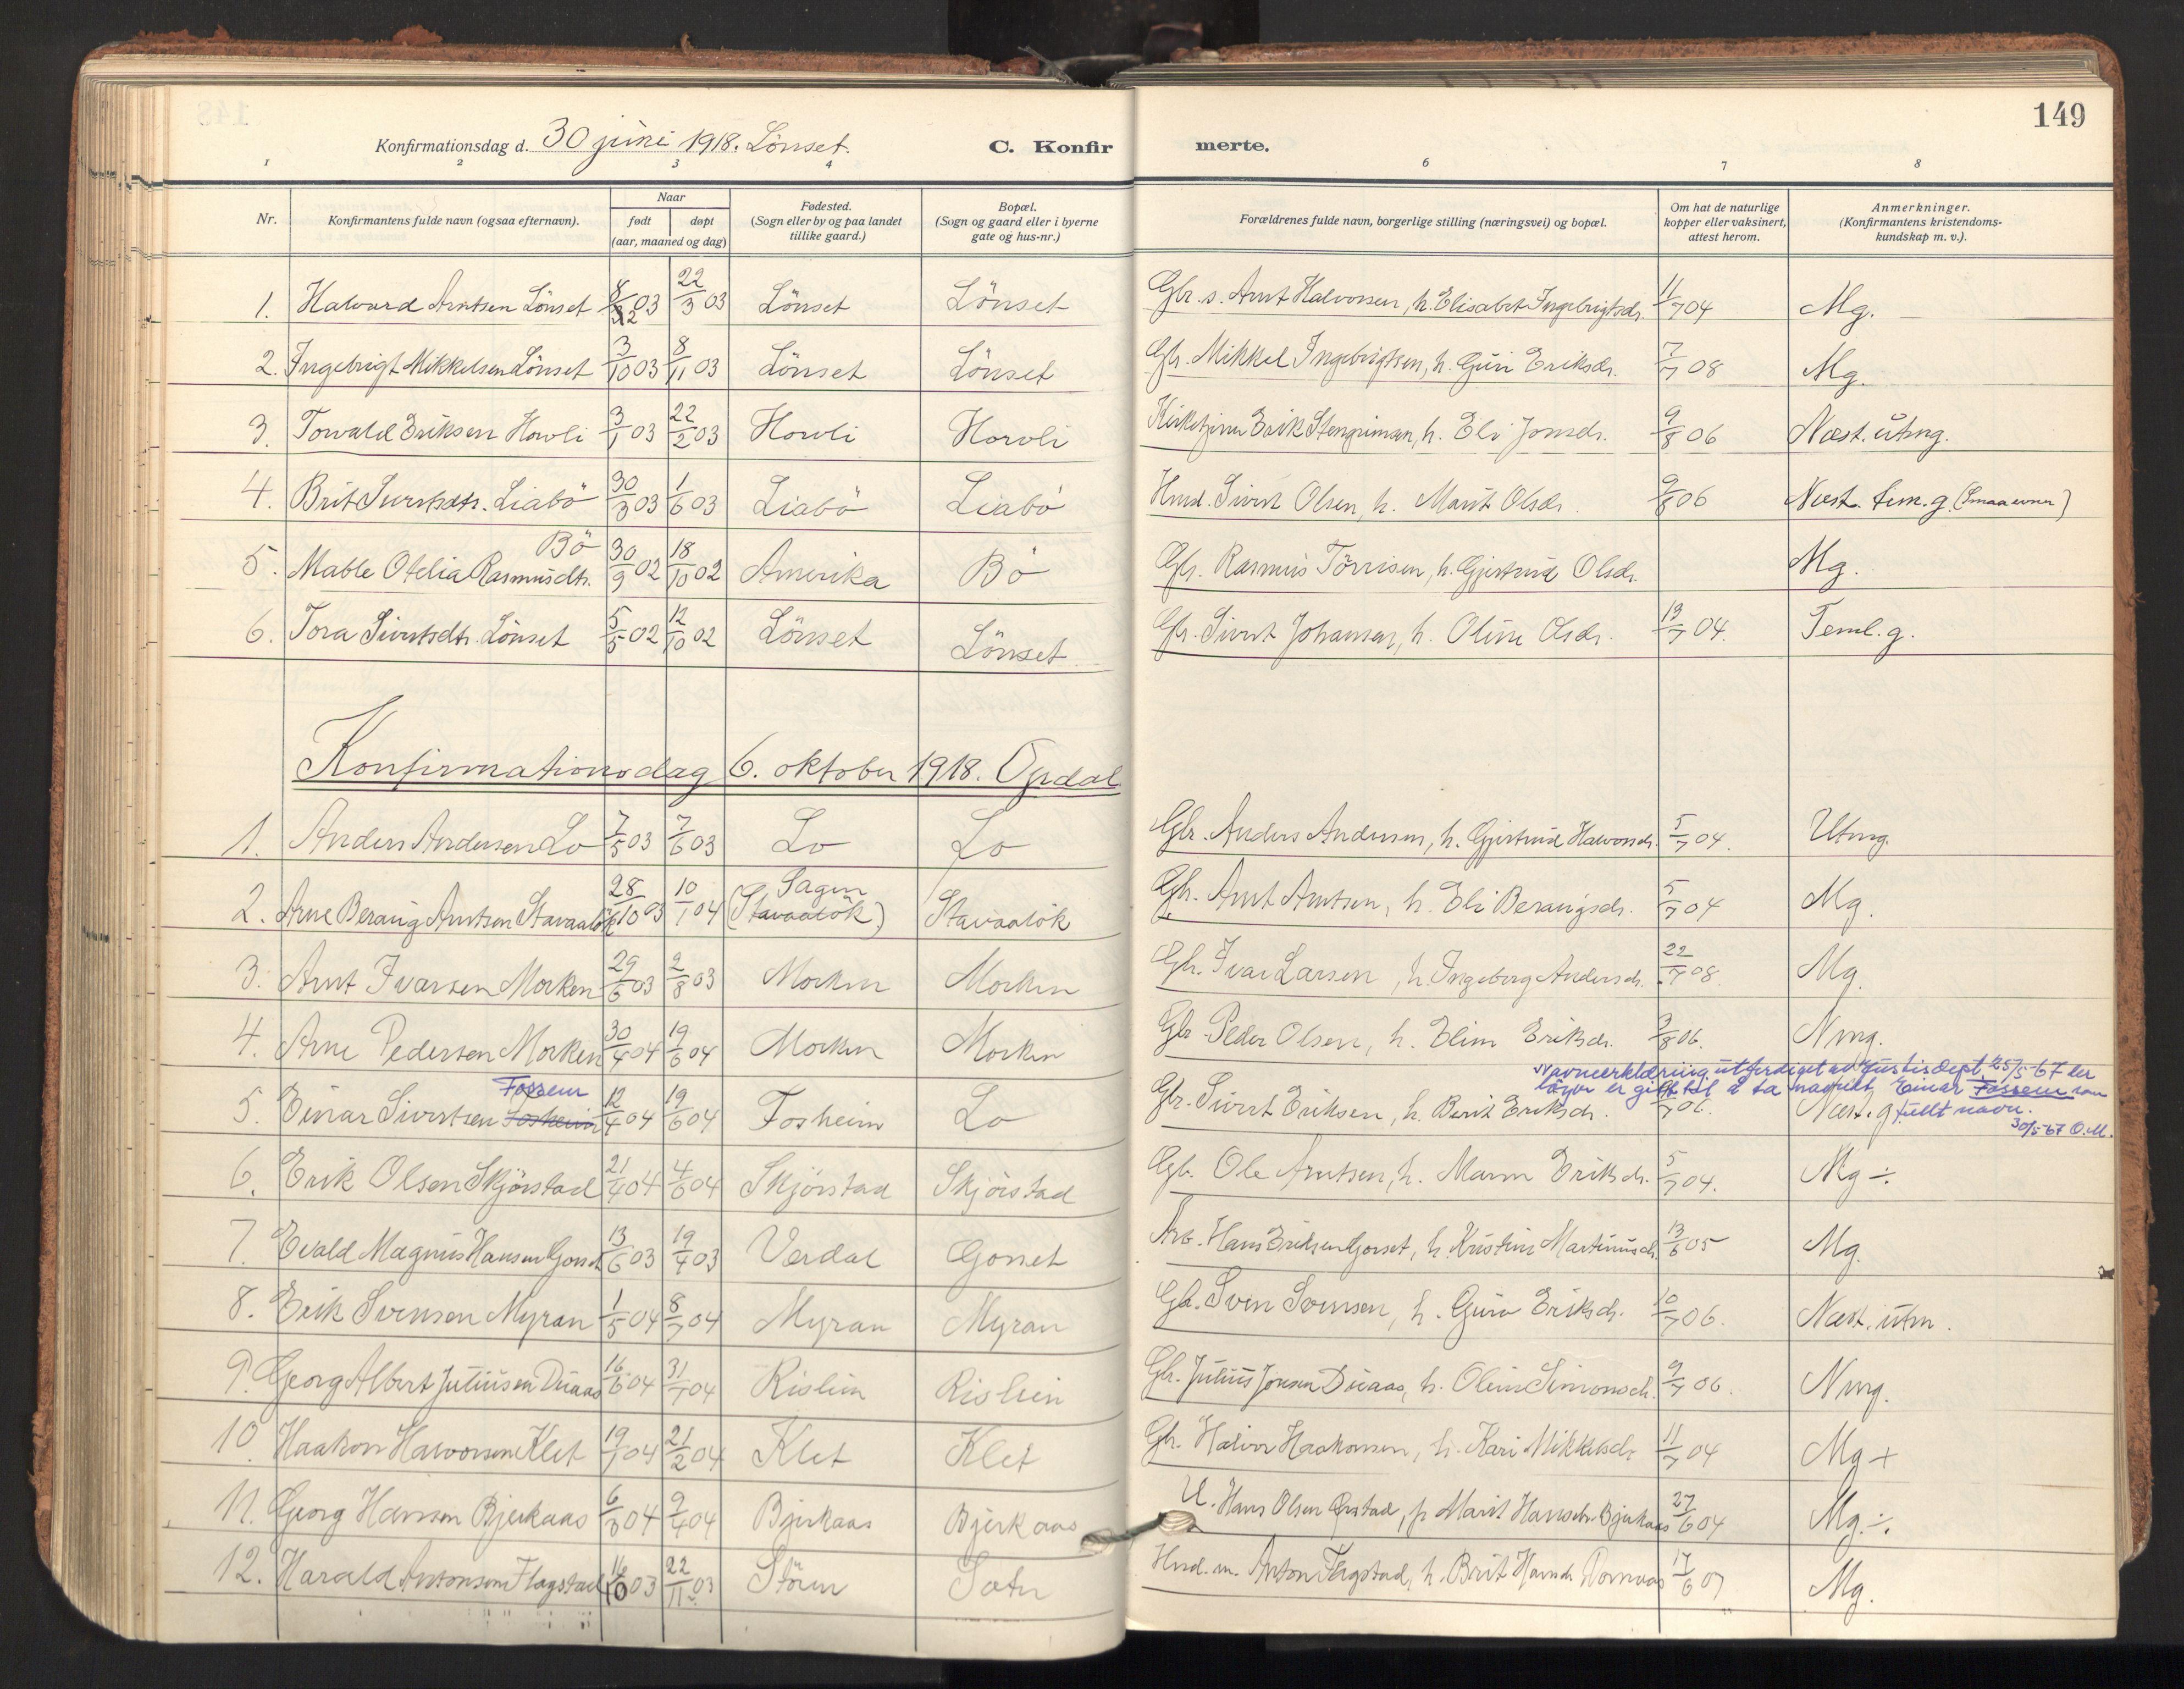 SAT, Ministerialprotokoller, klokkerbøker og fødselsregistre - Sør-Trøndelag, 678/L0909: Ministerialbok nr. 678A17, 1912-1930, s. 149